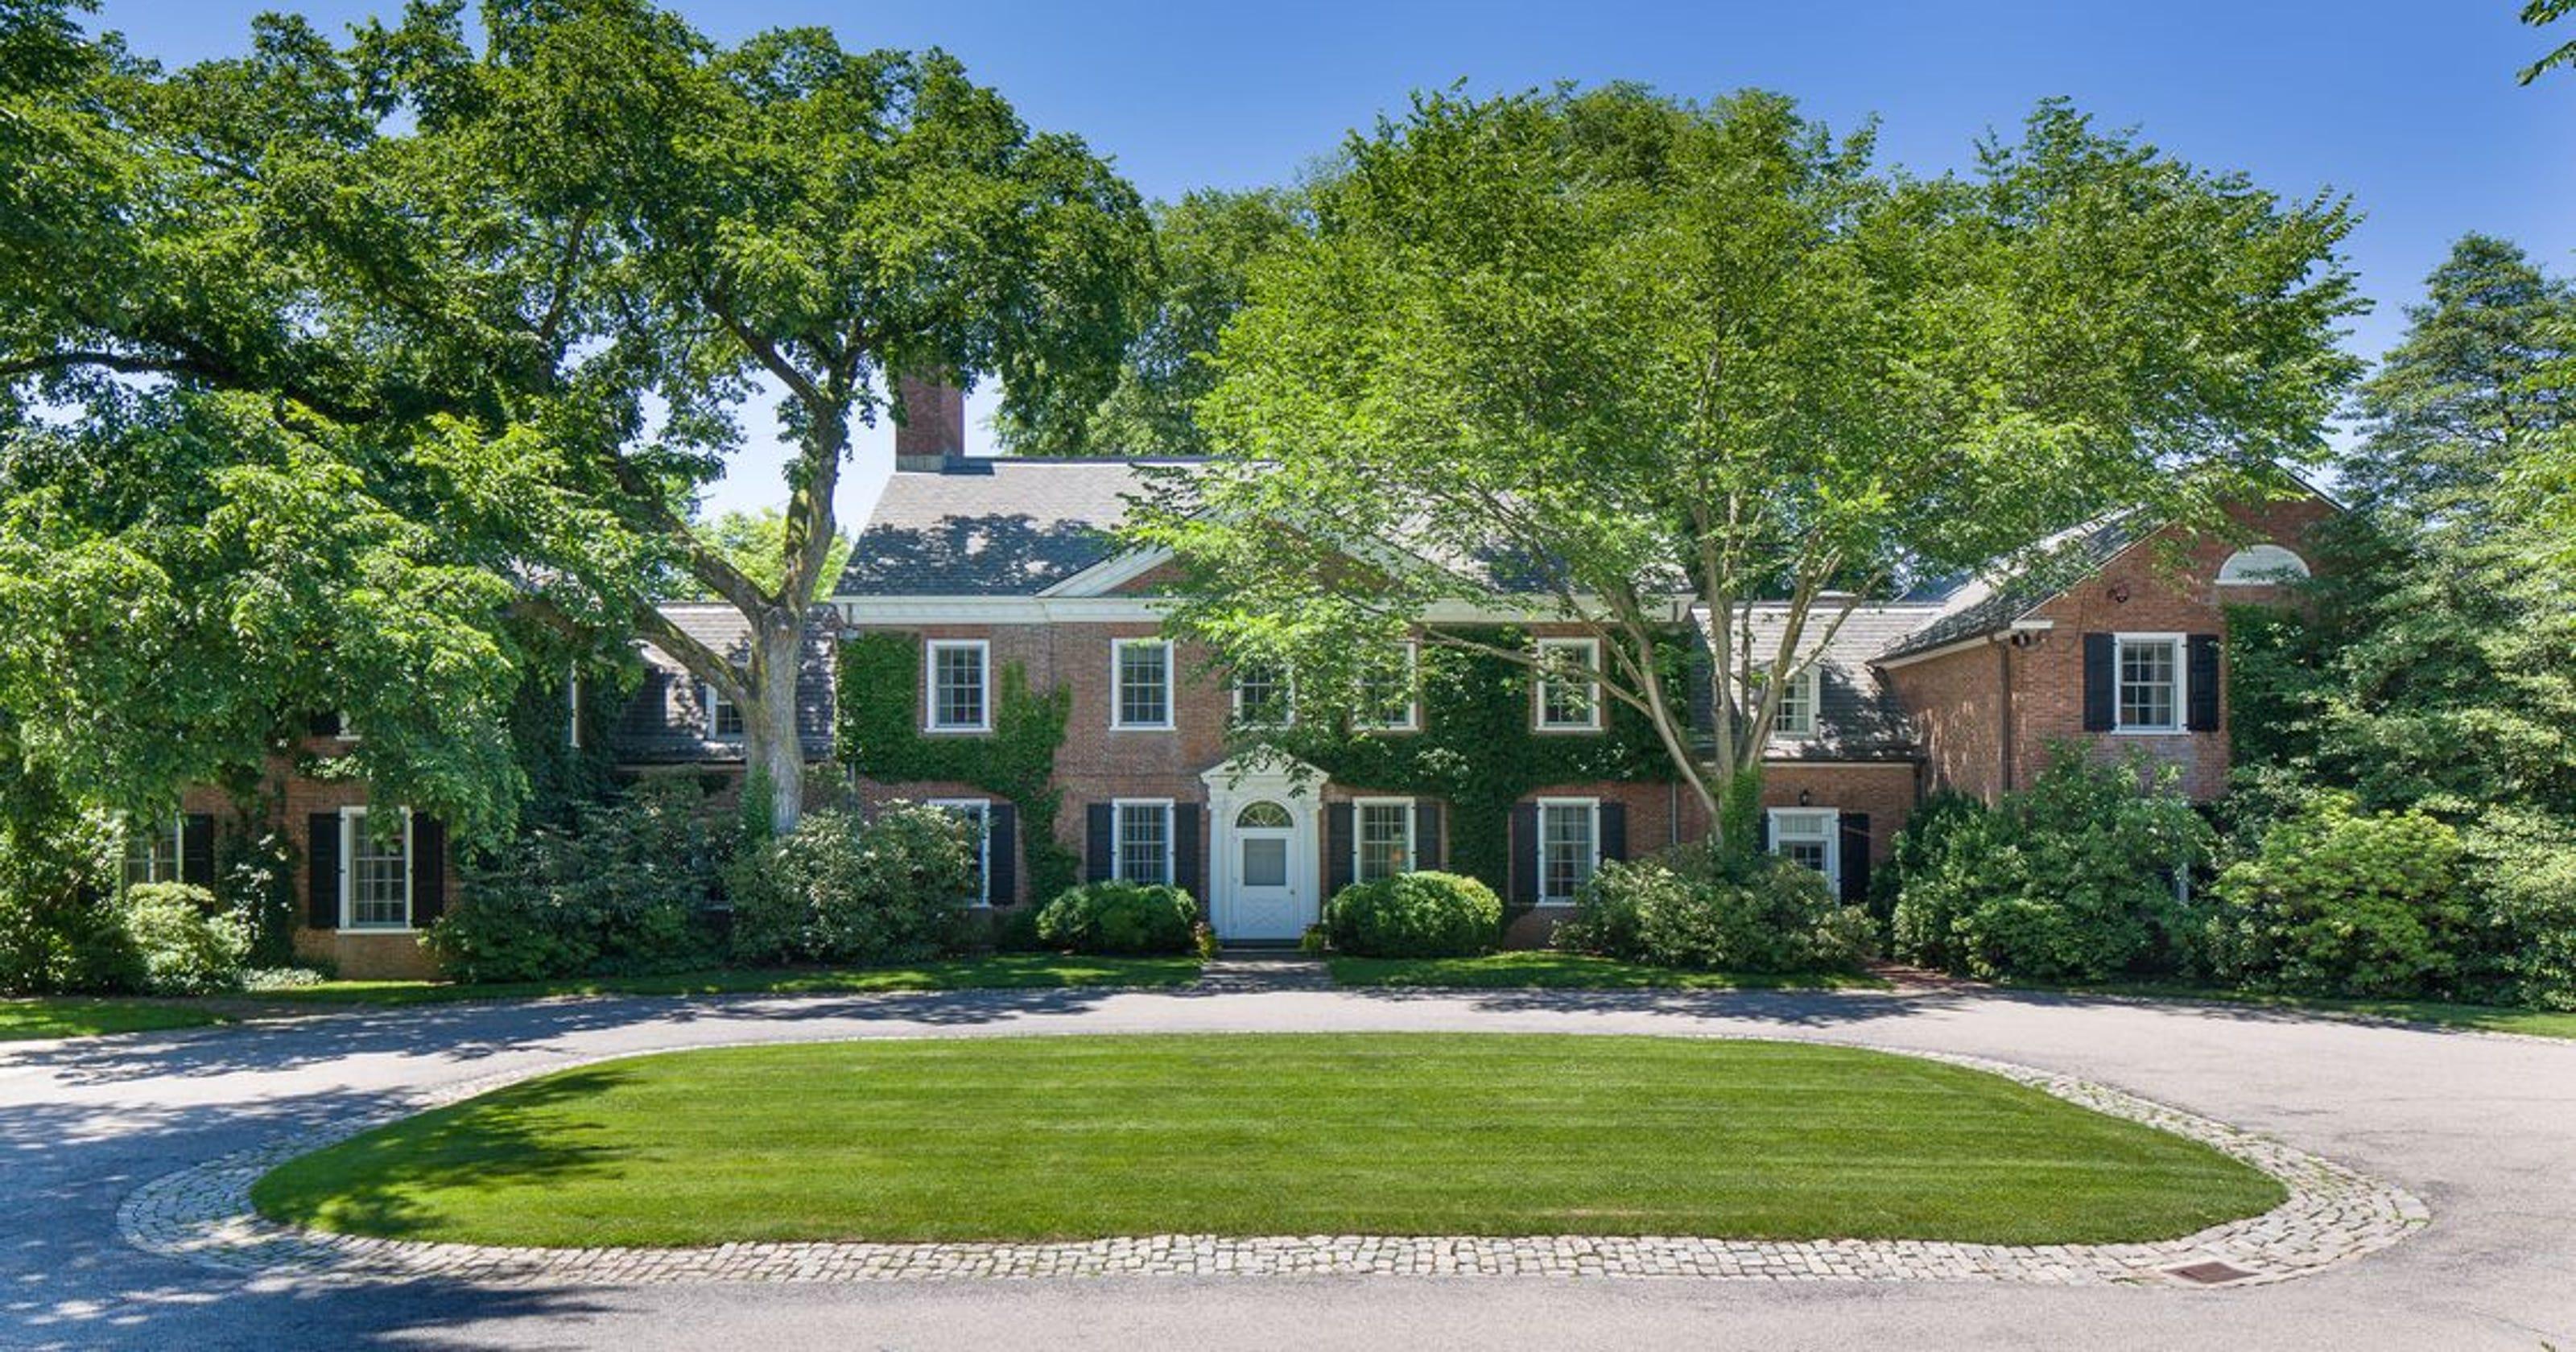 Rockefeller estate on Pocantico Hills listed for sale at $22M